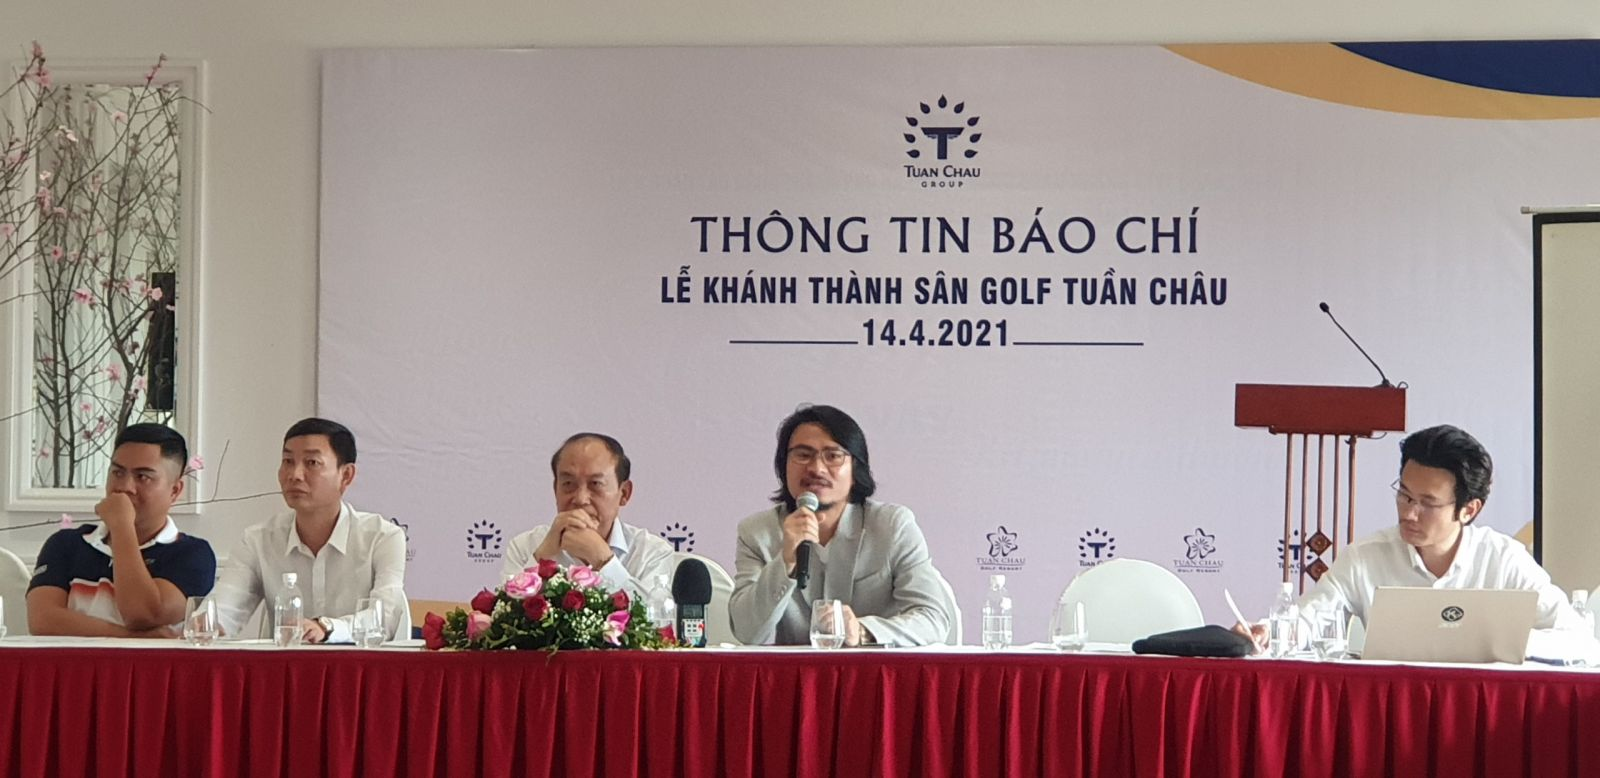 Tập đoàn Tuần Châu chia sẻ thông tin với báo chí về những nỗ lực đầu tư xây dựng tổ hợp du lịch chất lượng cao phục vụ du khách.